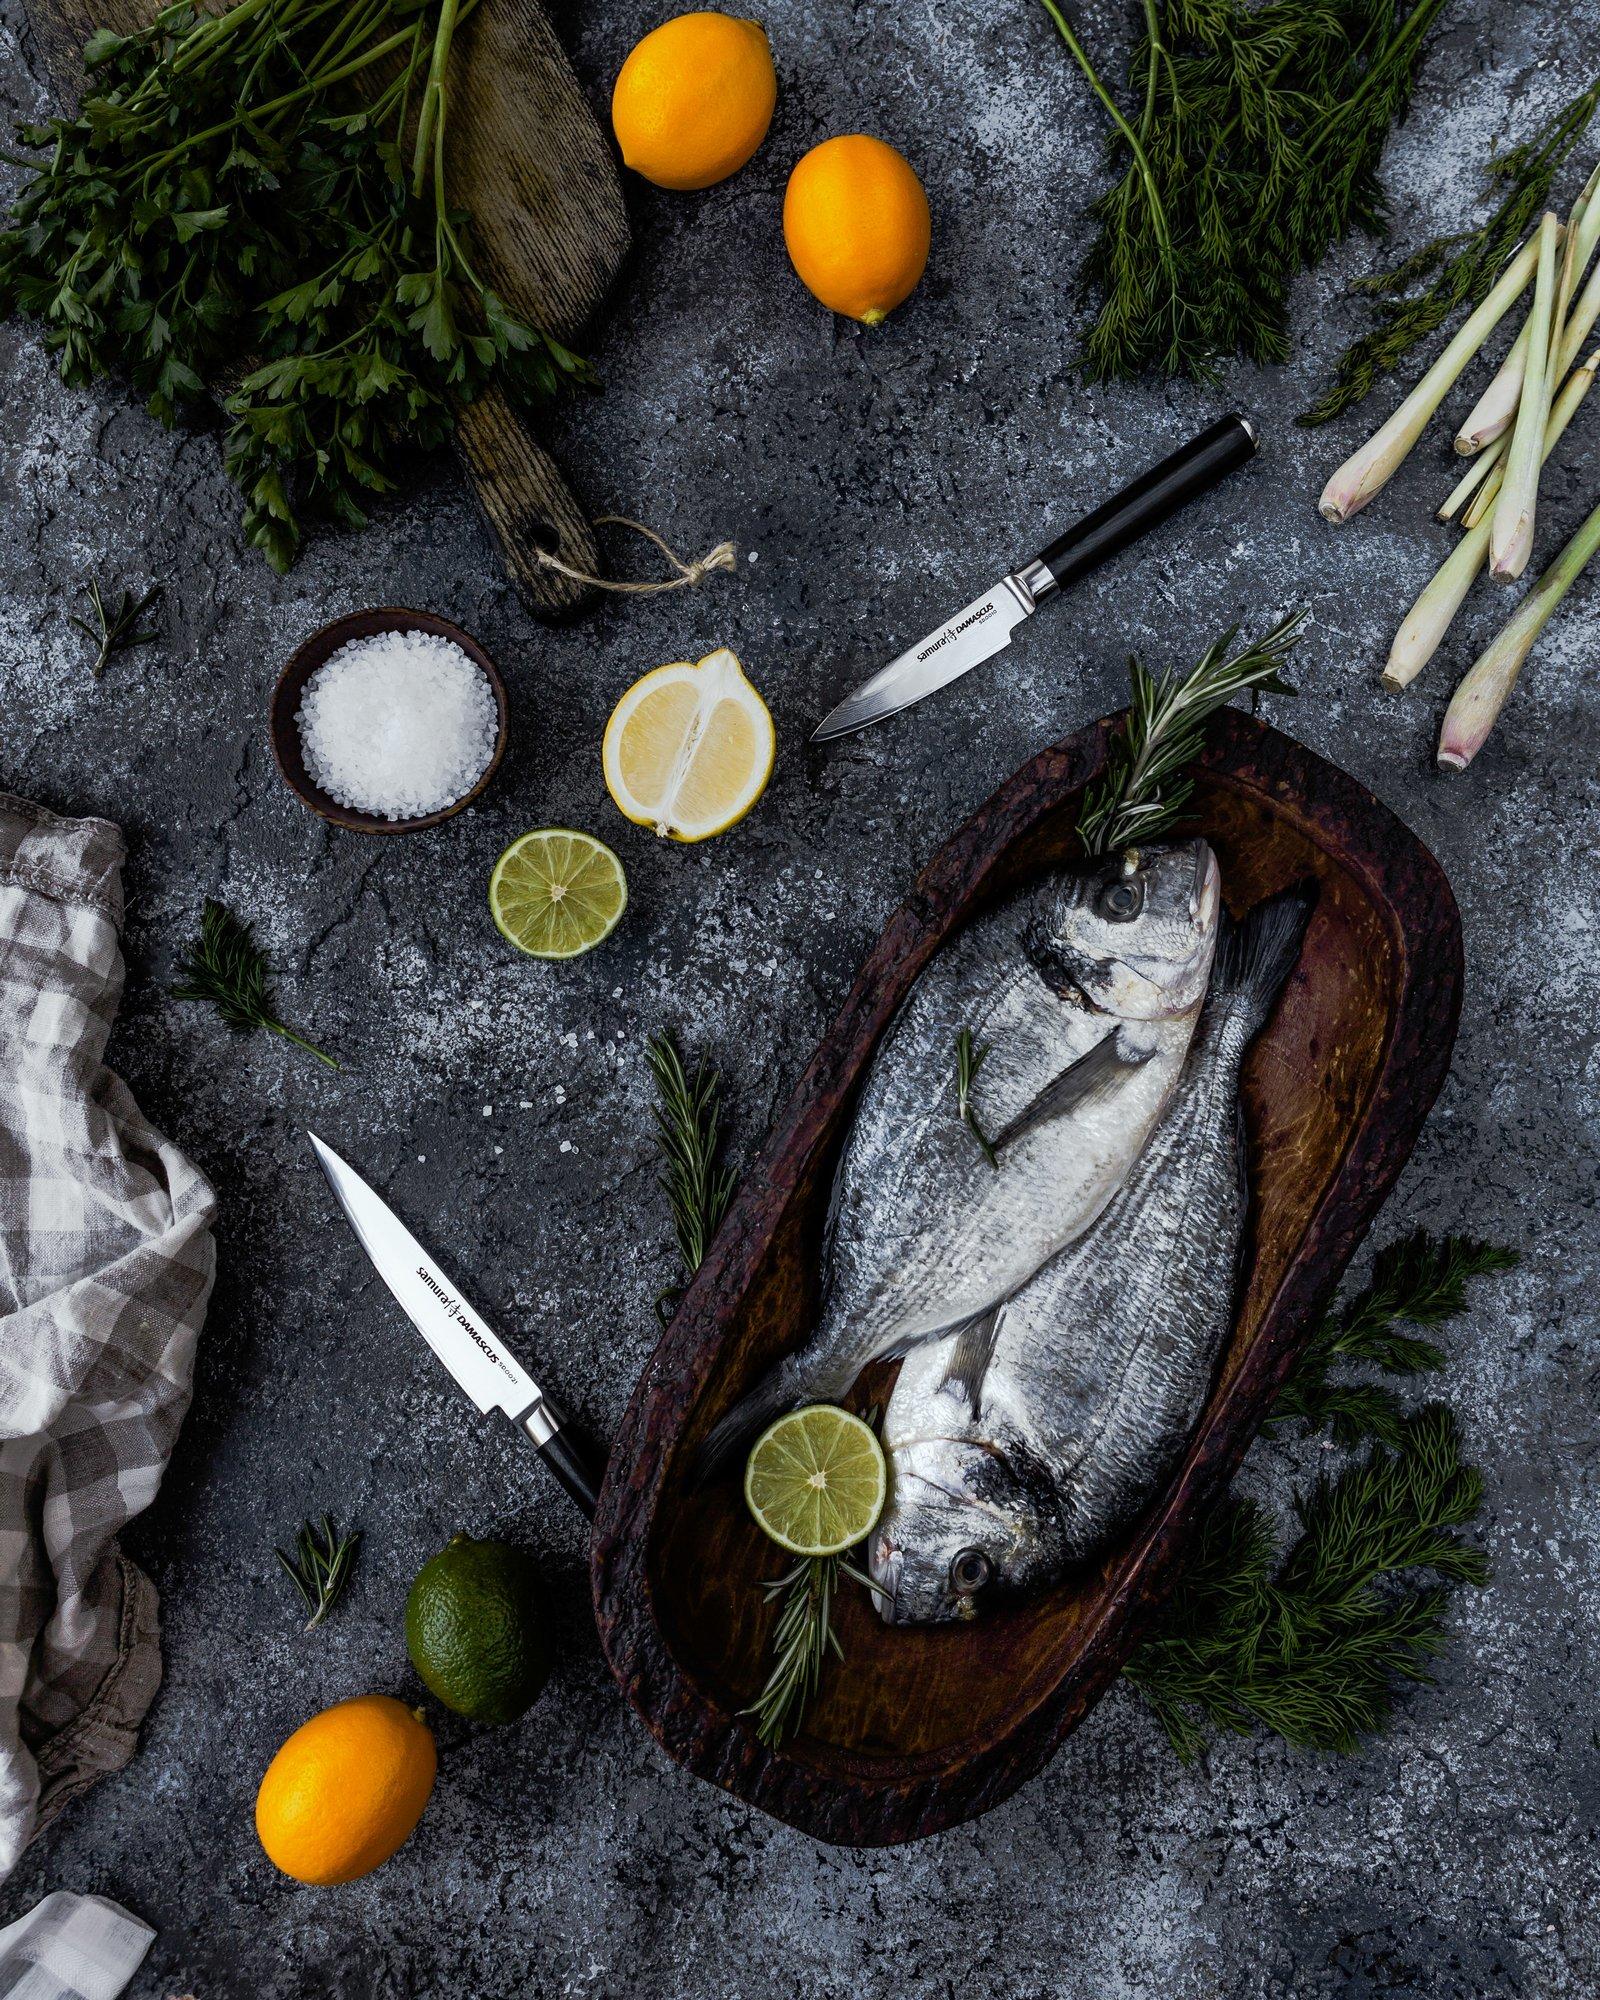 Фото 3 - Нож кухонный овощной Samura Damascus SD-0010/Y, сталь VG-10/дамаск, рукоять G-10